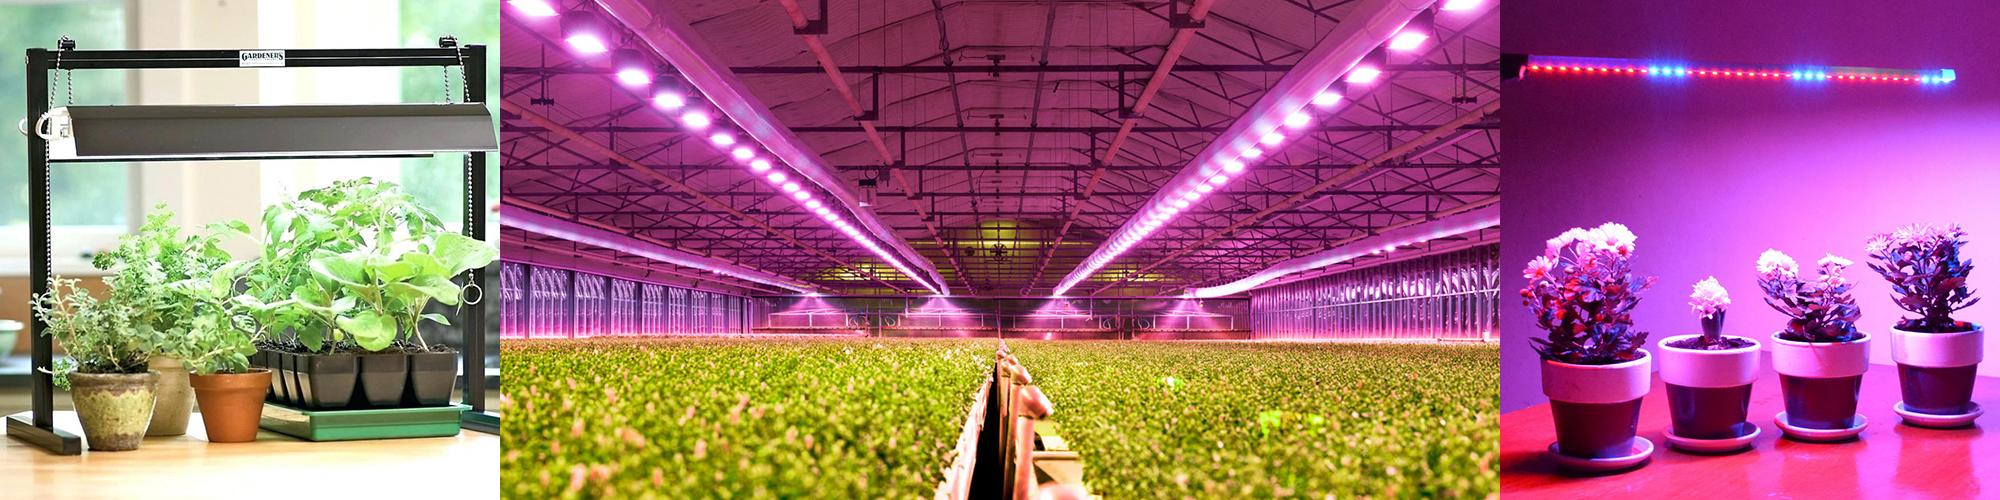 Cоздание правильного искусственного освещения для растений